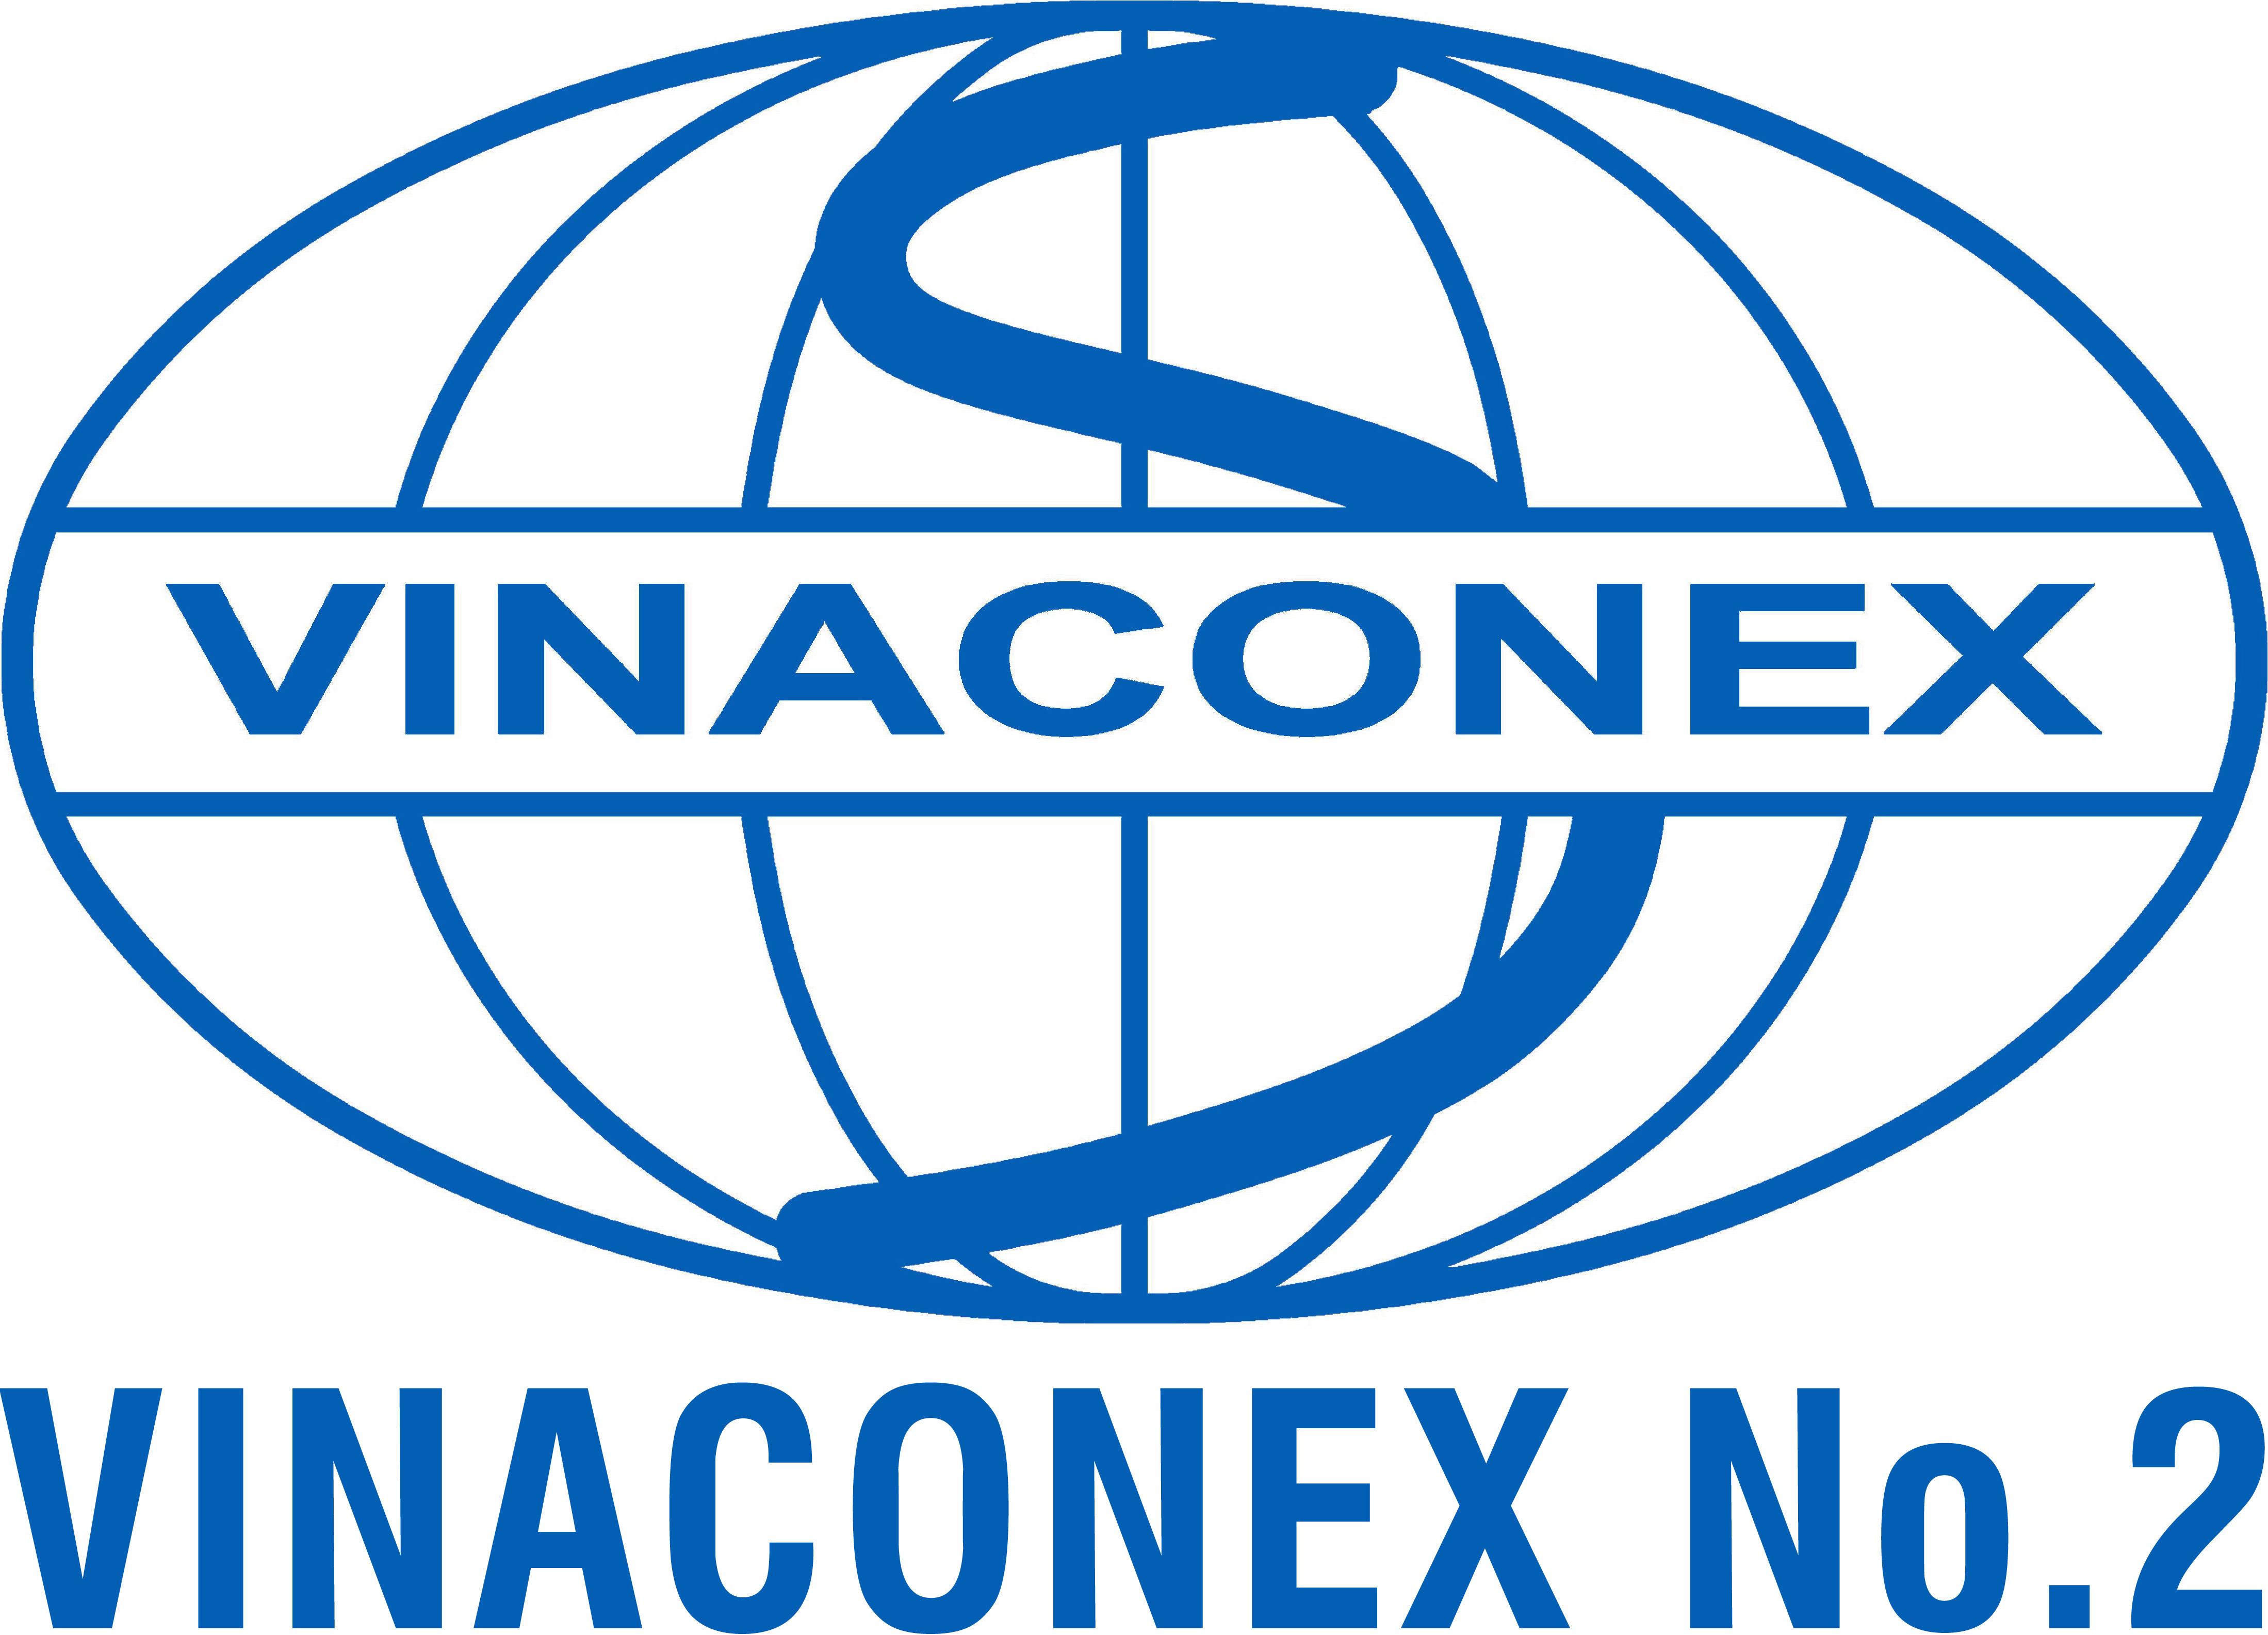 Vinaconex 2 thông báo chuyển nhượng quyền SDĐ tại số 52 Lạc Long Quân